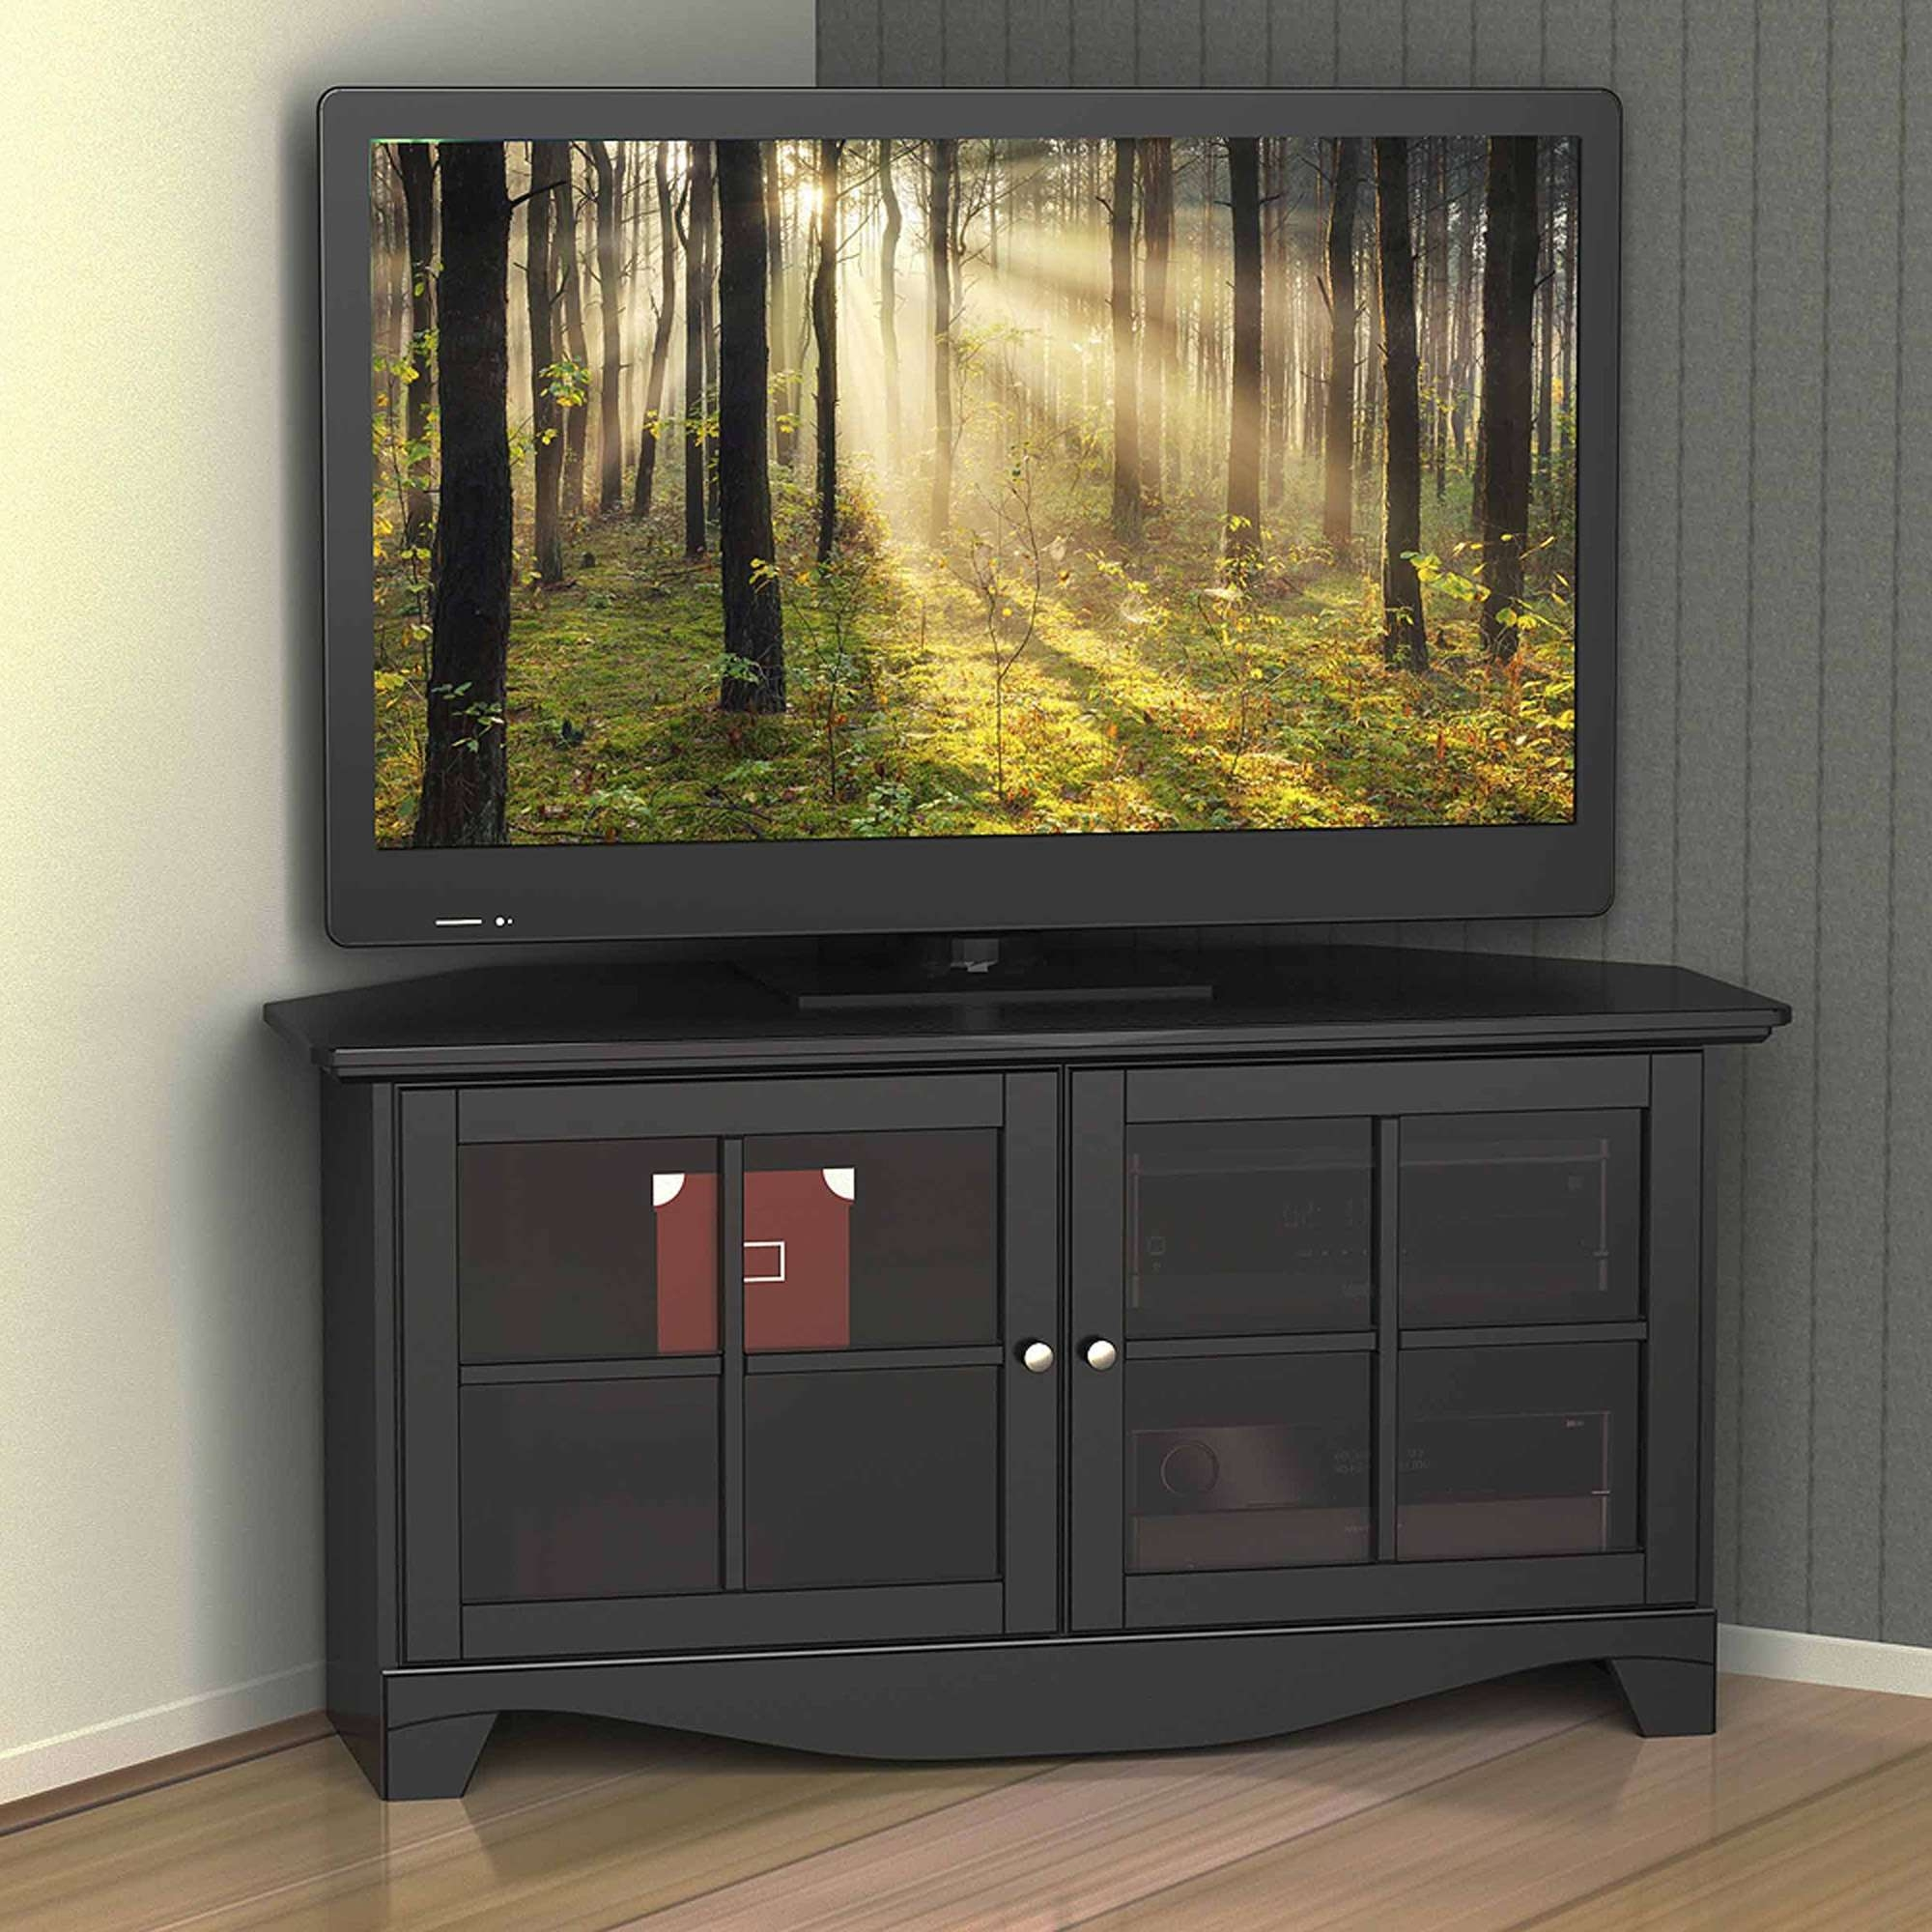 Black Corner Tv Cabinet With Doors • Corner Cabinets Pertaining To Black Tv Cabinets With Doors (View 2 of 20)